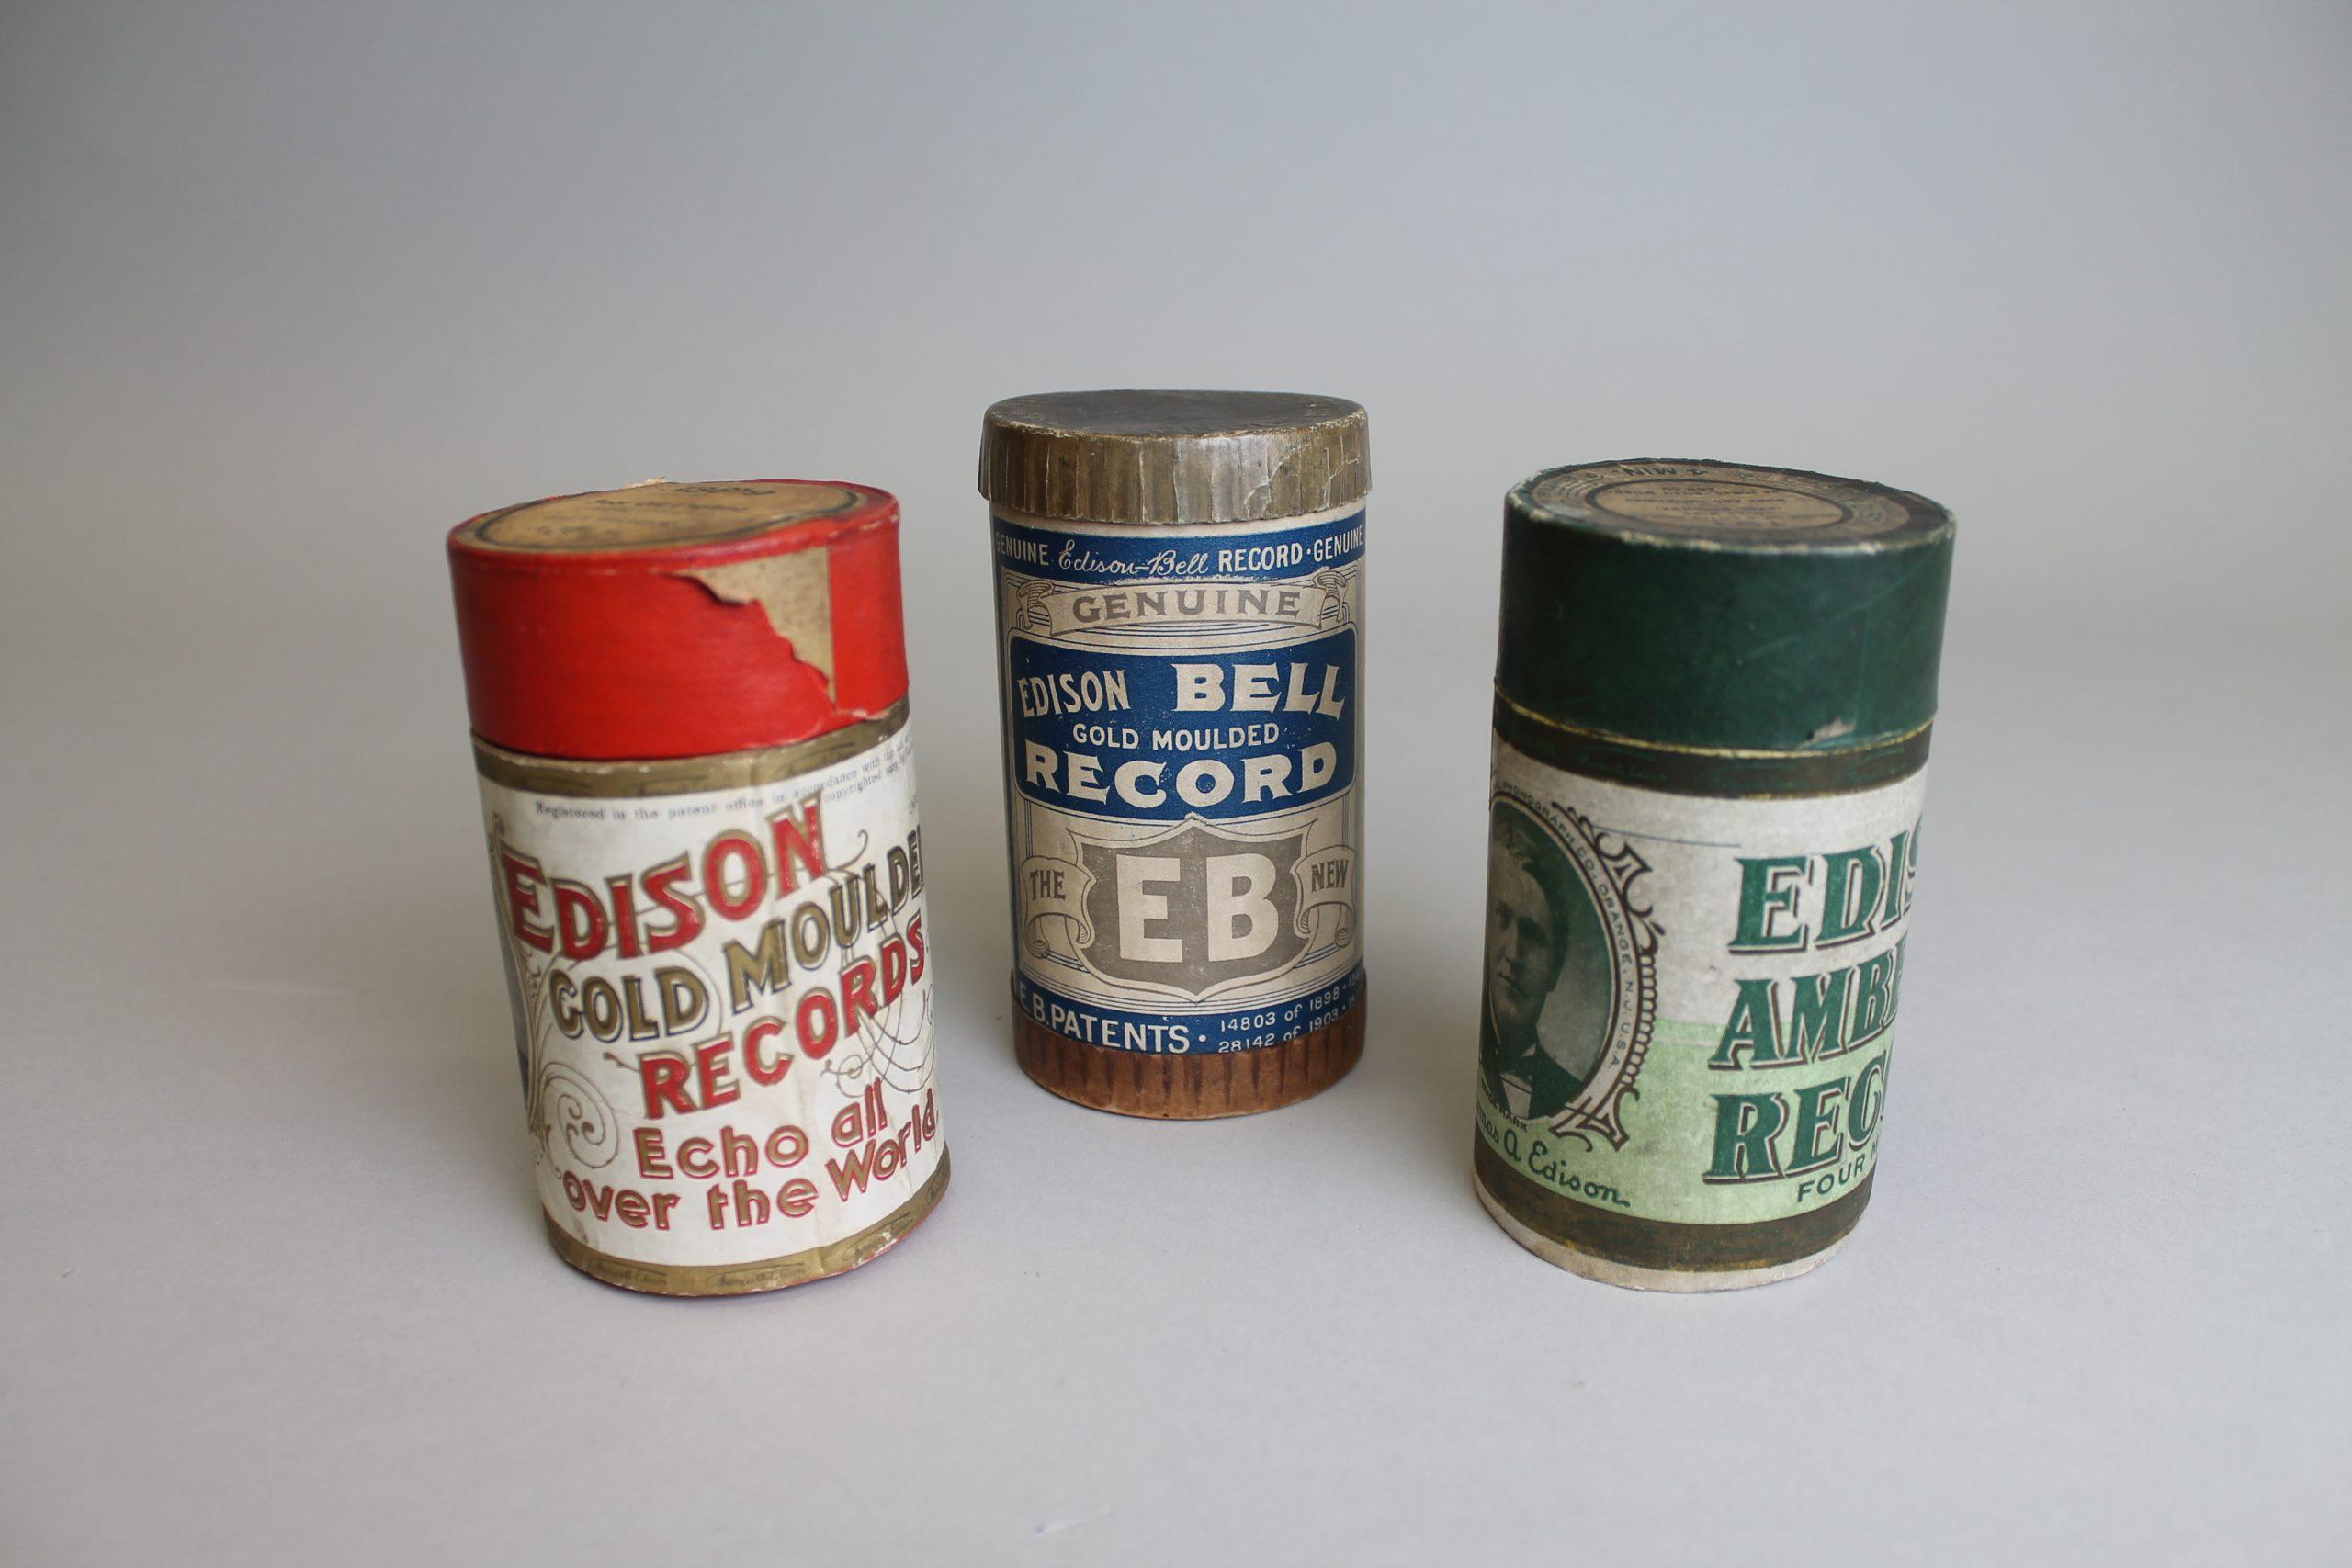 Three wax cylinders